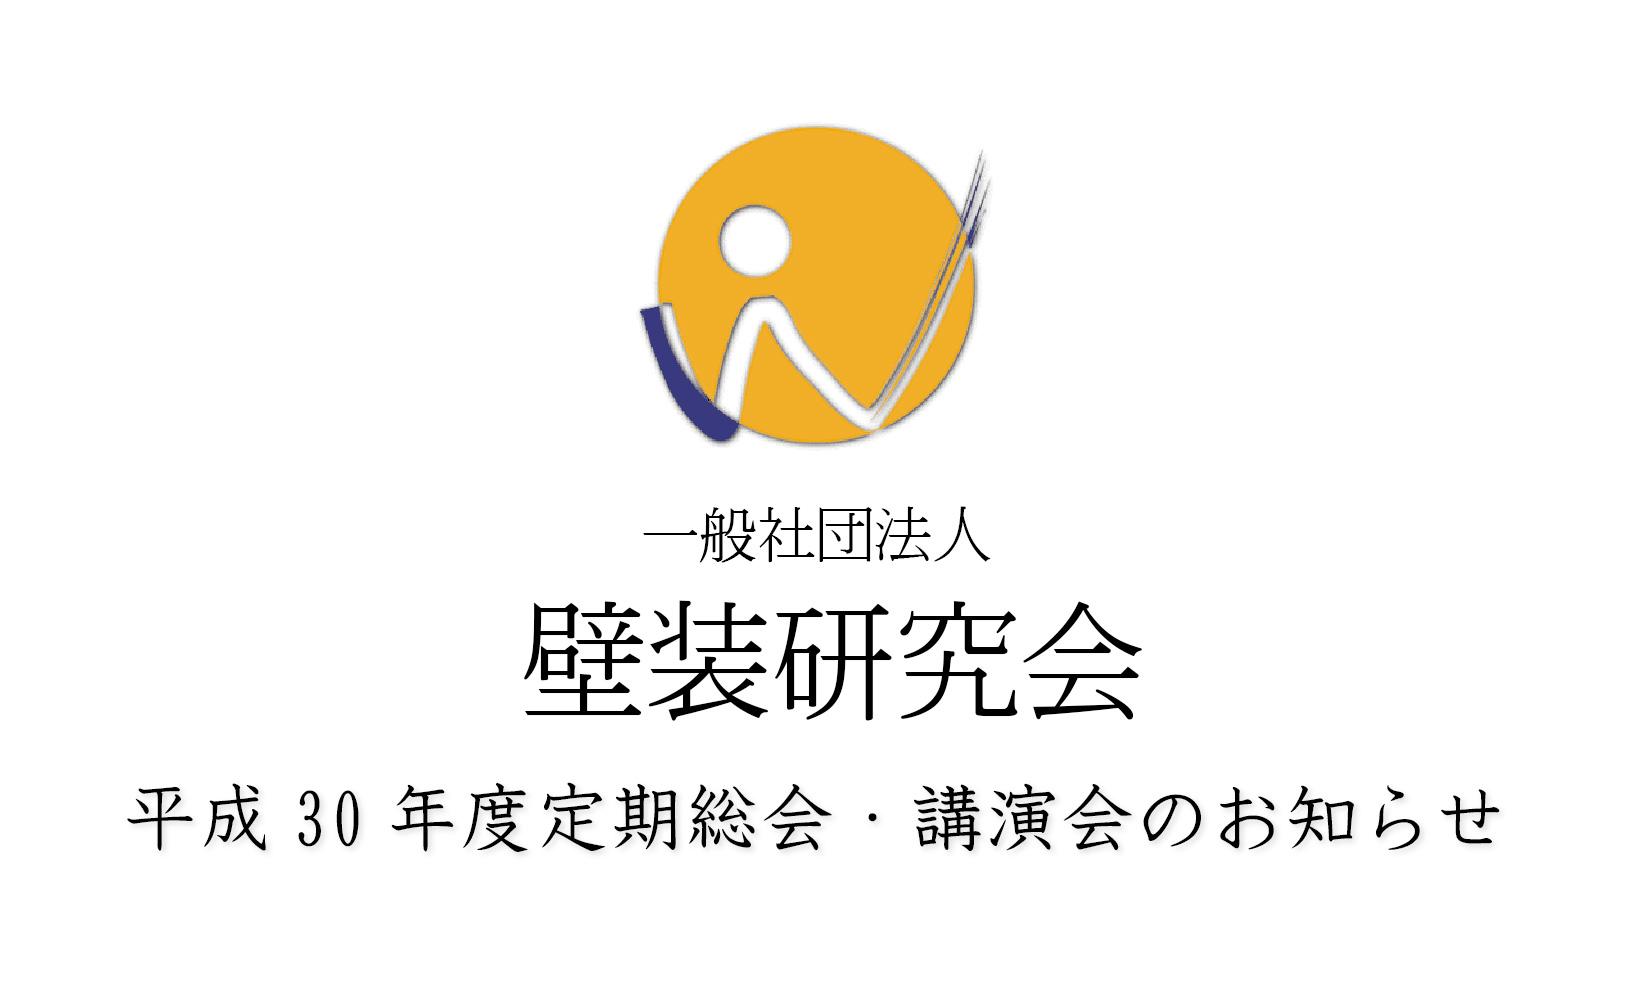 【締め切りました】平成30年度定期総会・講演会のお知らせ(3月13日)